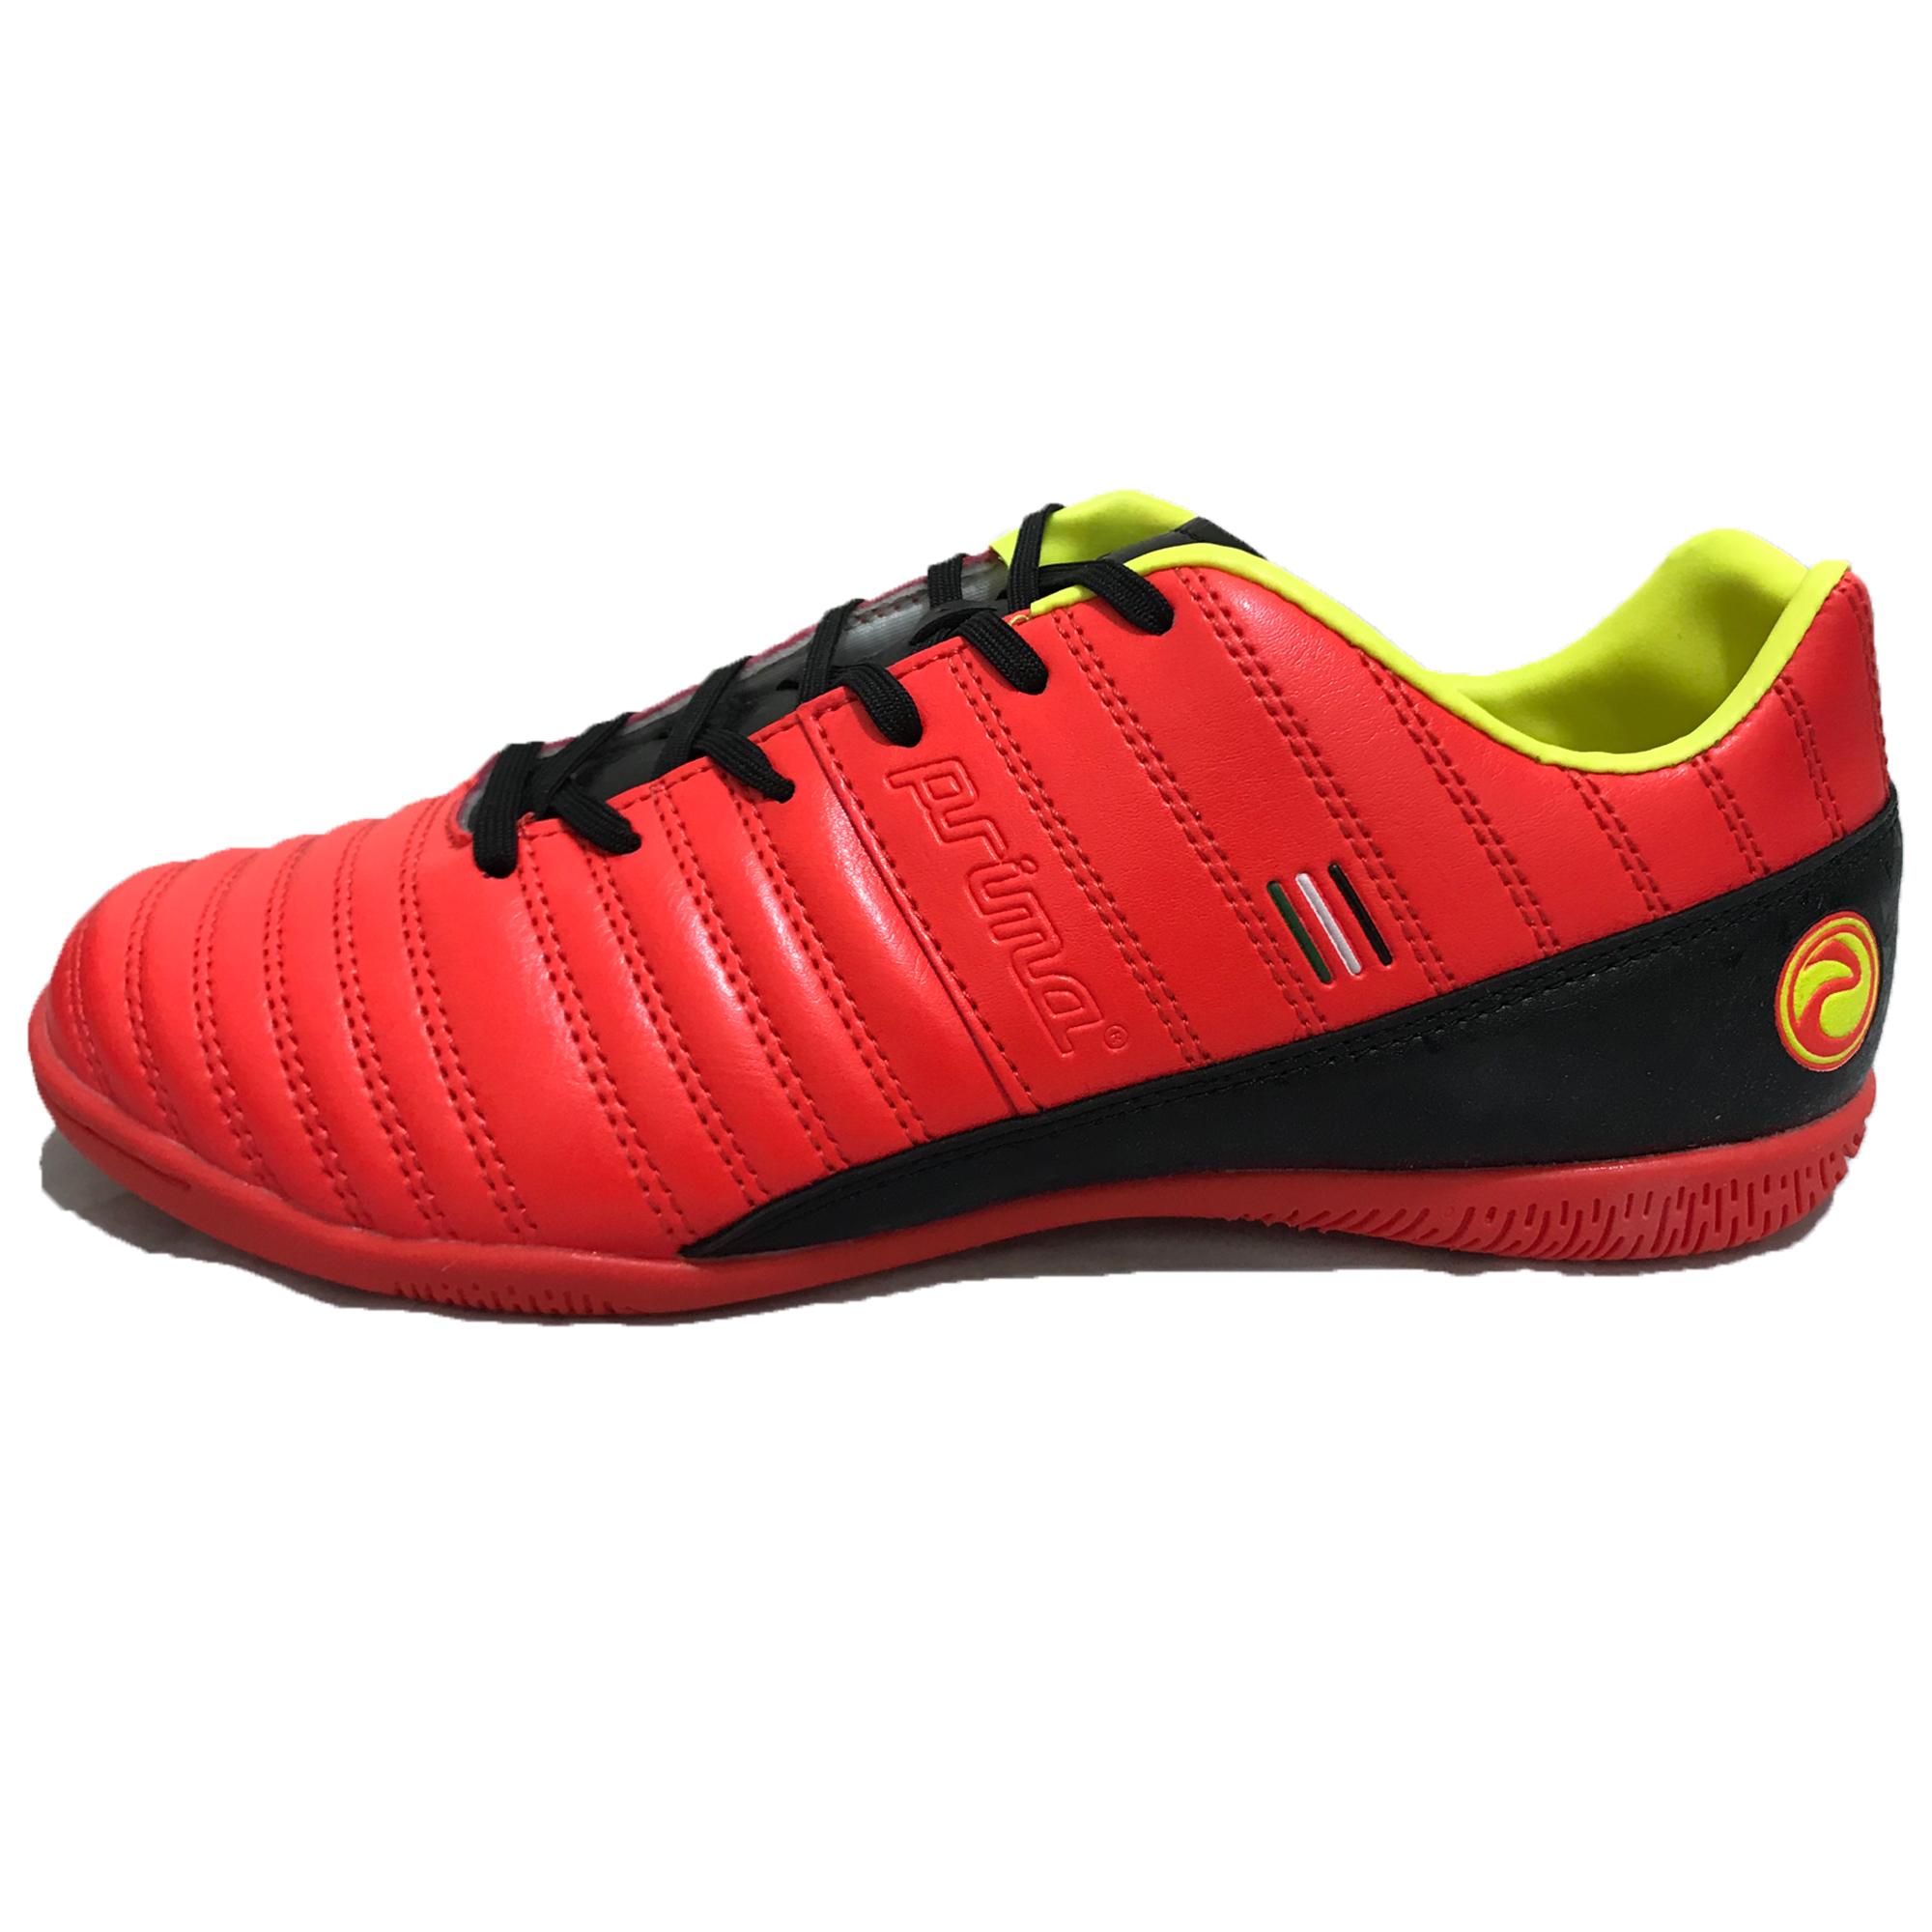 قیمت کفش فوتسال مردانه پریما مدل ORG